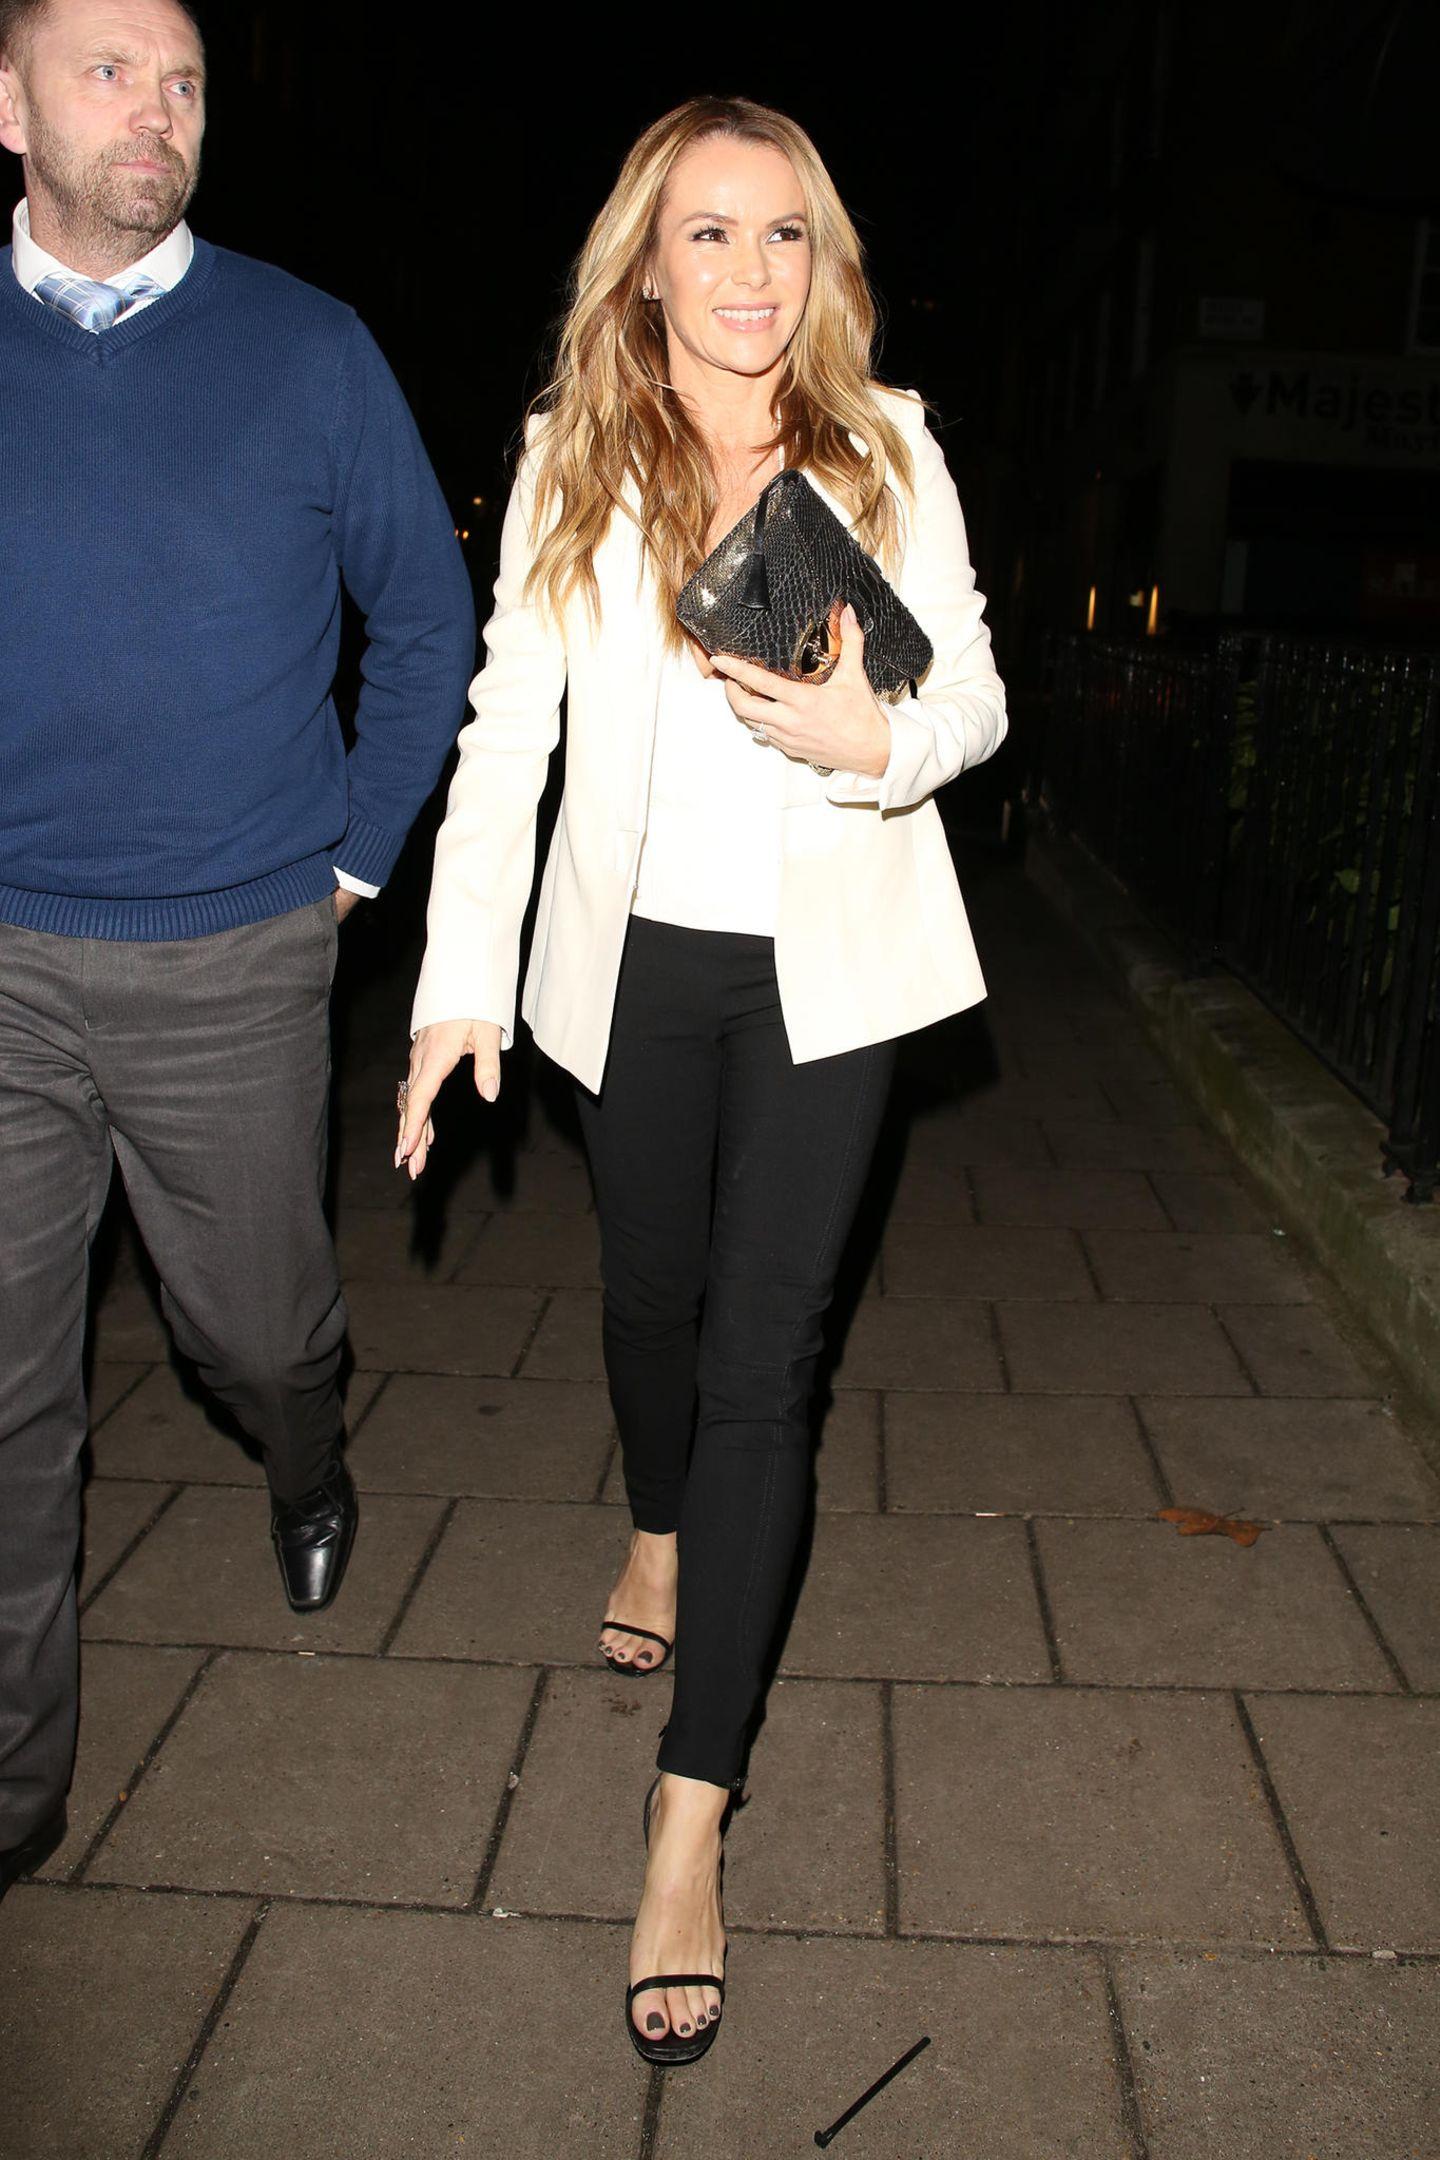 Das liegt daran, dass auch Amanda Holdendie Kombination aus cremefarbigen Blazer, weißem T-Shirt und schwarzer Stoffhose liebt. Im Januar 2018 trug sie diesen Look zu einer Party in London.